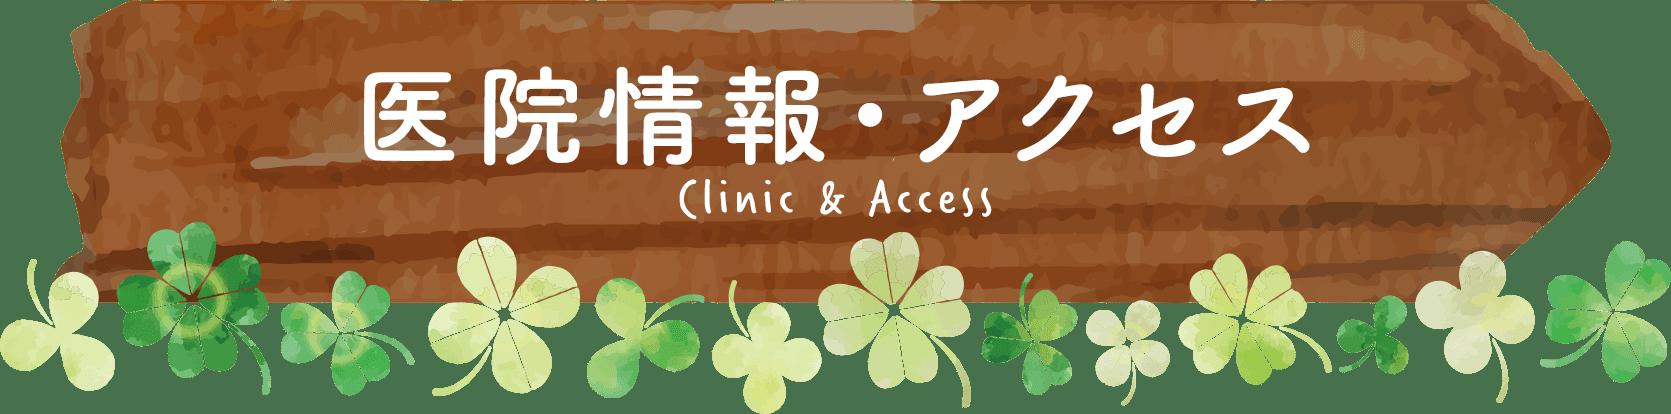 医院情報・アクセス